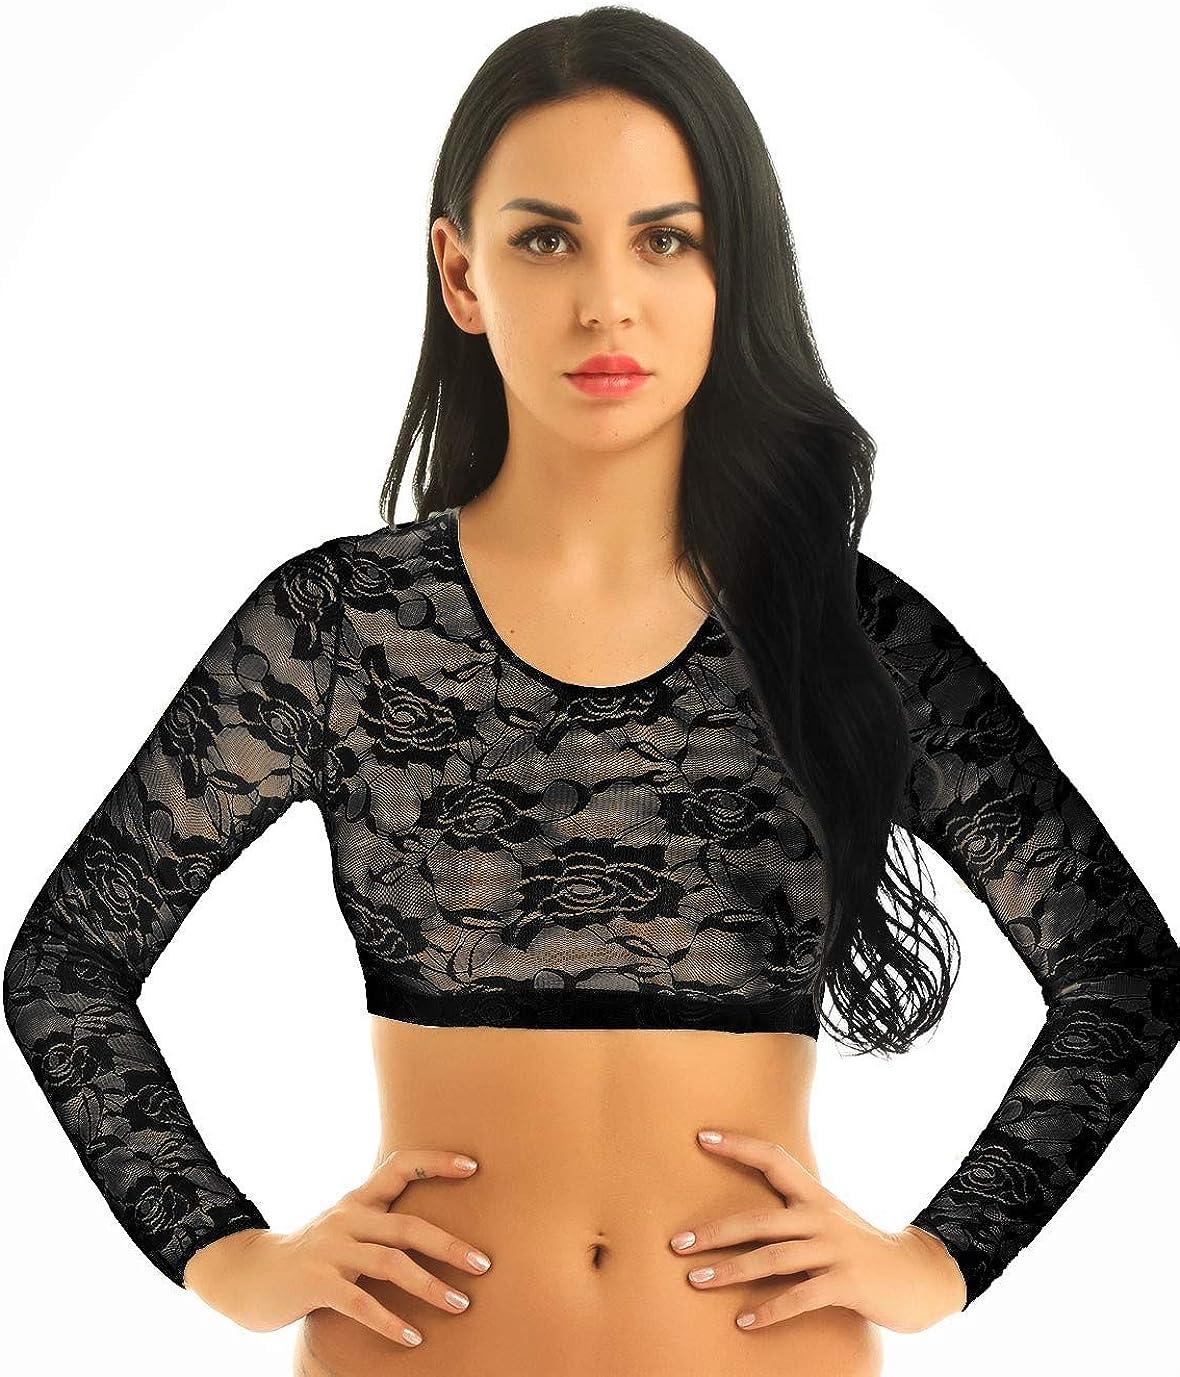 Freebily Damen Spitze Crop Top Transparent Shirt Bluse Bauchfrei Mesh Top Bikini Oberteil Kurz T-Shirt Unterhemd Clubwear Reizw/äsche